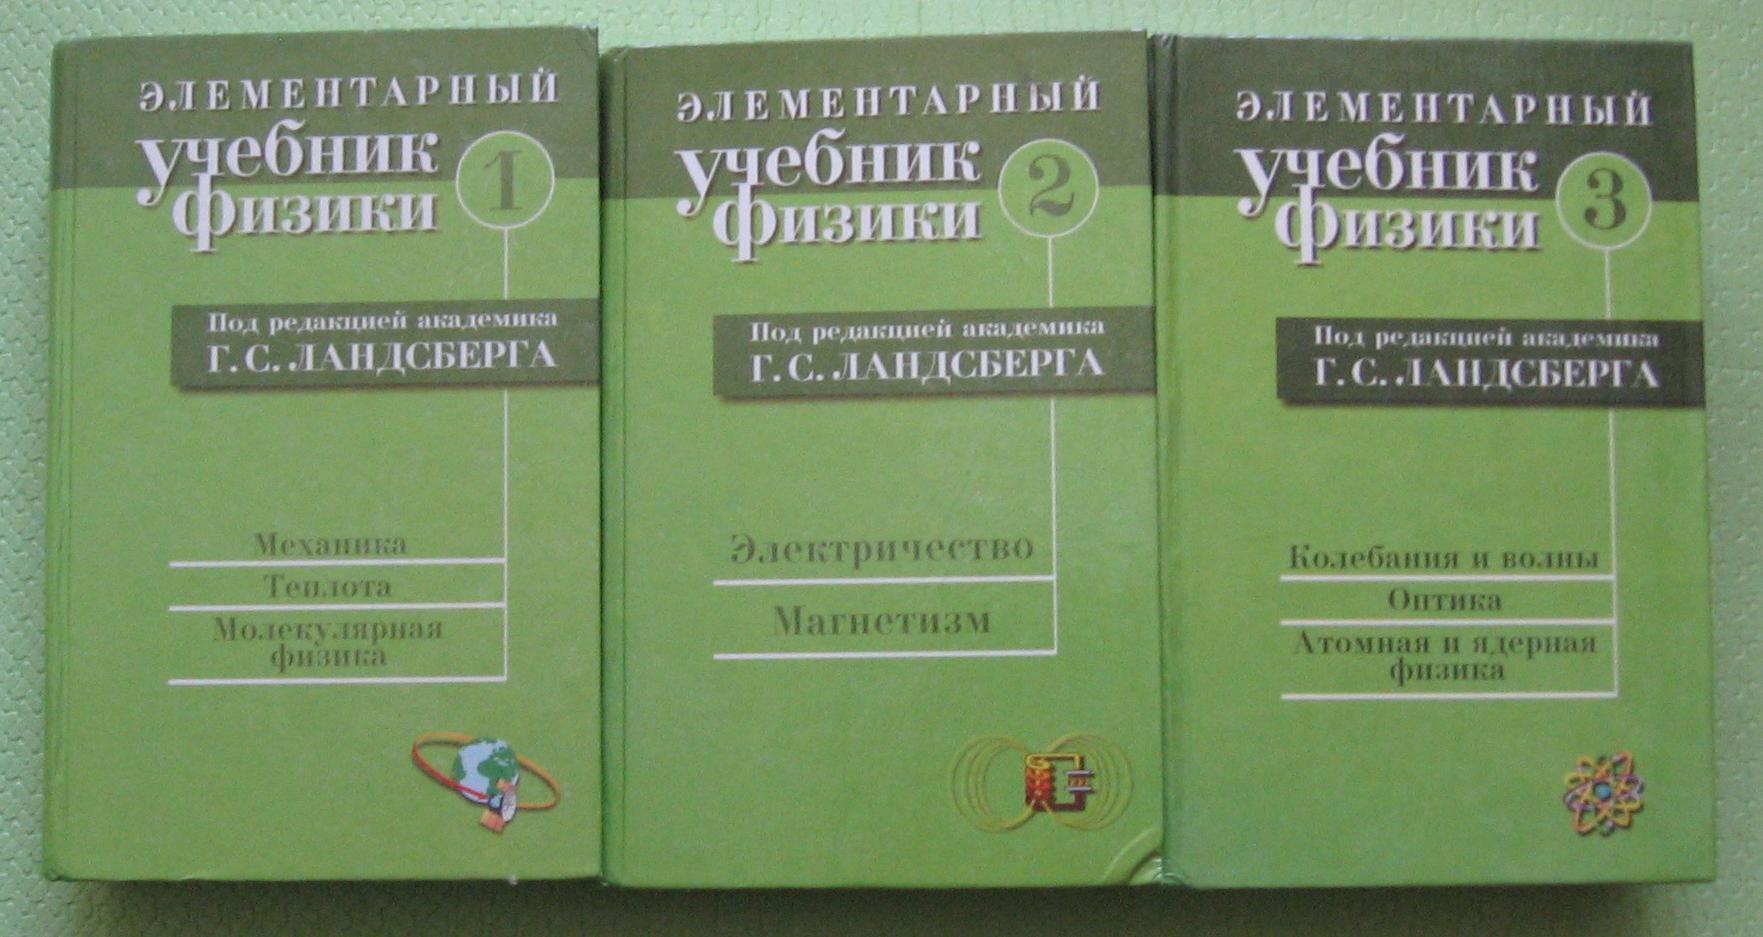 Элементарный учебник физики. Г. Ландсберг | отзывы покупателей.